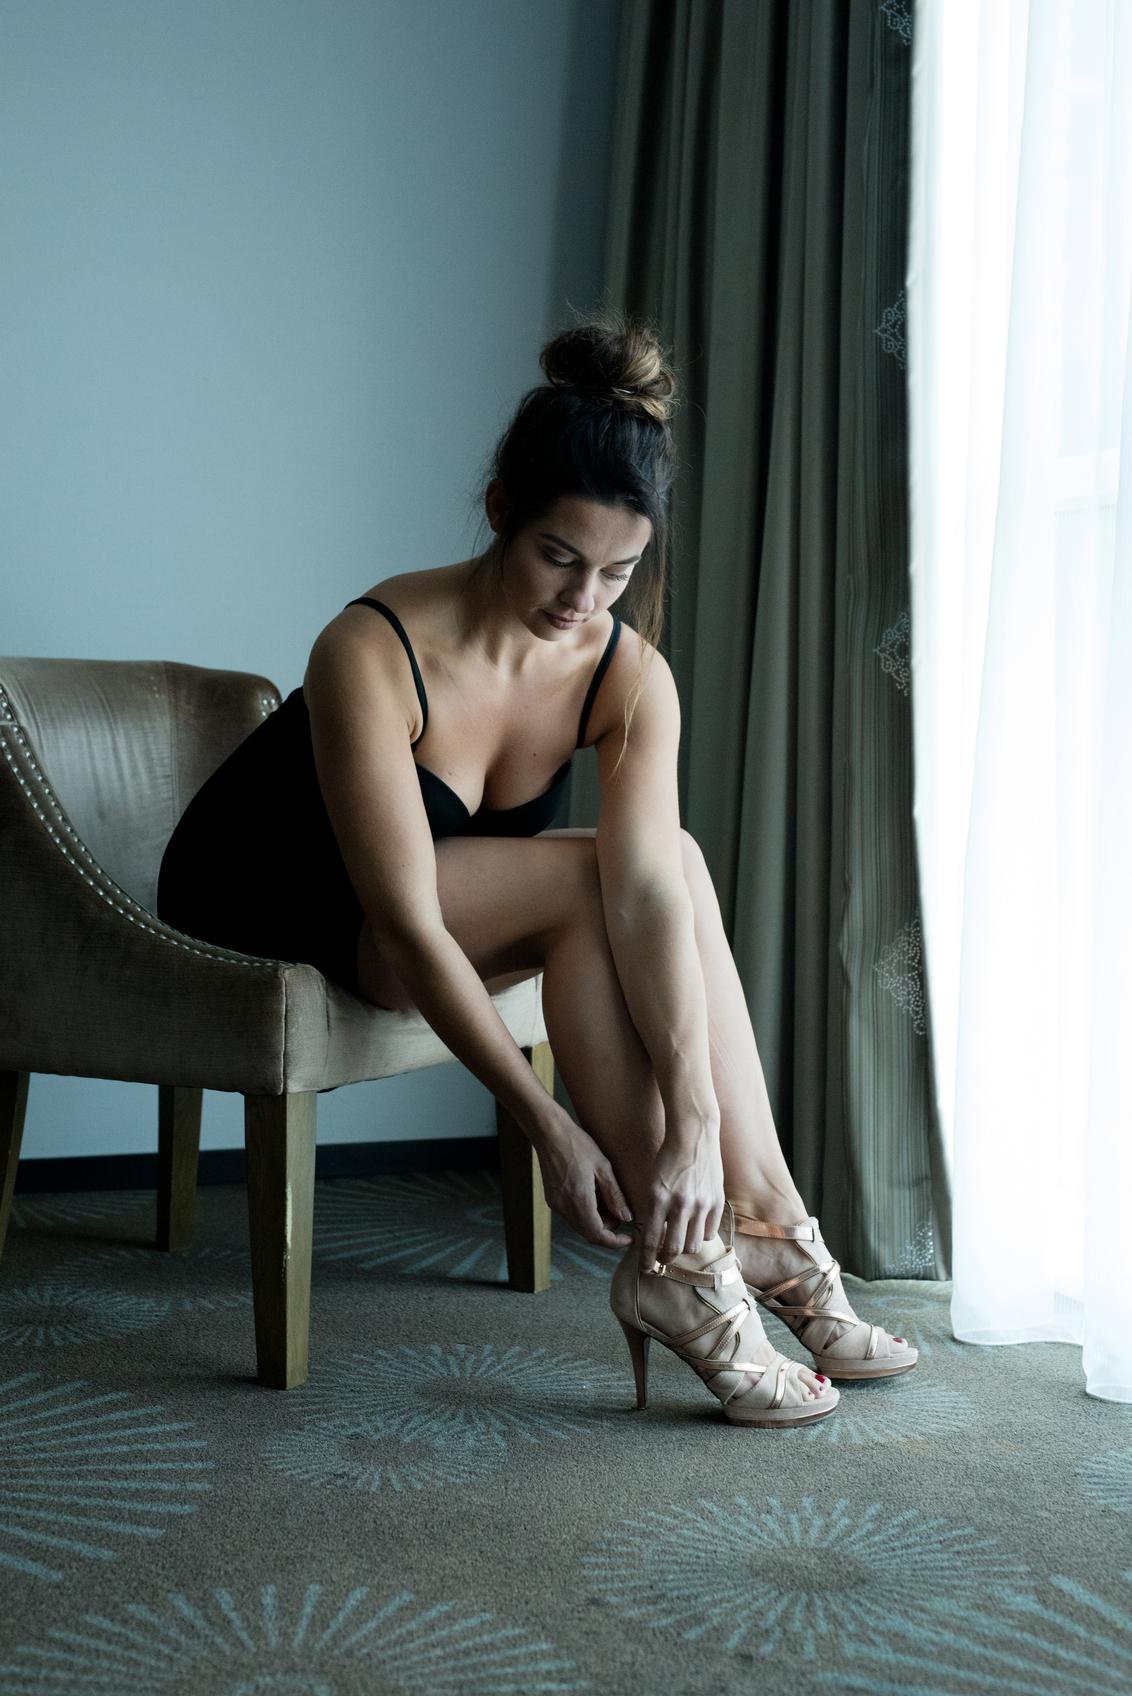 boudoir - shame on me!!! Ik heb nog helemaal geen boudoir fotografie geplaatst hier.  Meet Saskia, wat een beauty he?! - foto door mandyweerd op 13-05-2019 - deze foto bevat: vrouw, fashion, erotiek, beauty, glamour, fotoshoot, visagie